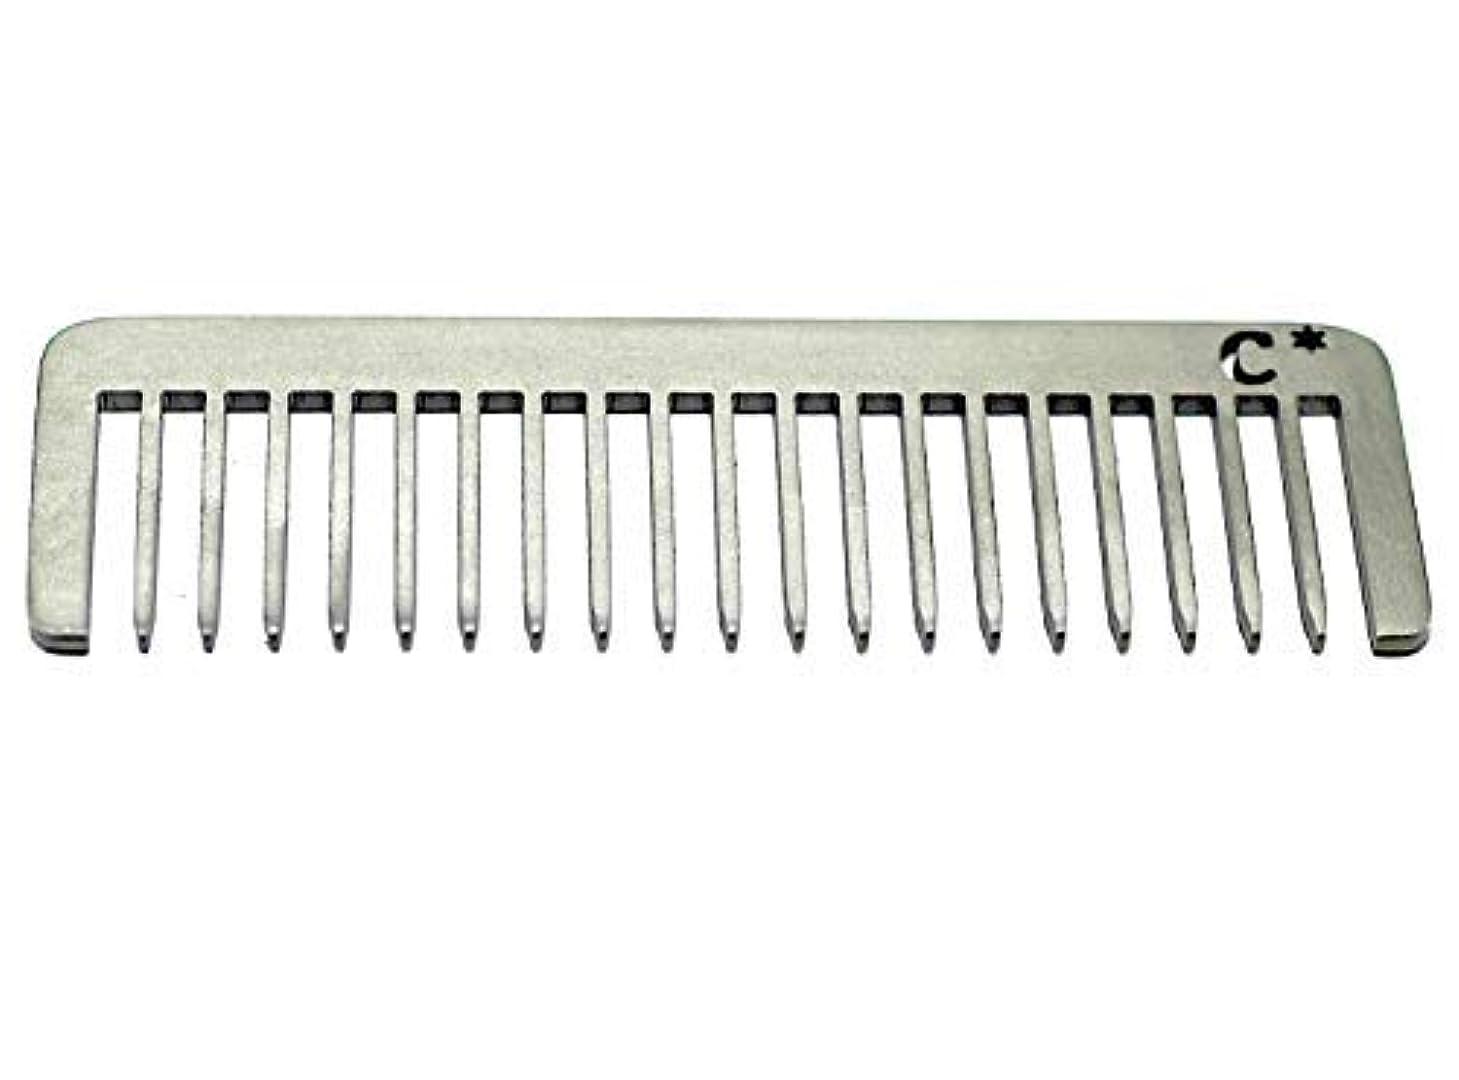 コンソールビジネス法律によりChicago Comb Short Model 5 Standard, Made in USA, Stainless Steel, Wide Tooth, Rake Comb, Anti-Static, Ultra-Smooth, Strong, Durable, 4 in. (10 cm) Long, Ultimate Daily Use Comb, Men & Women [並行輸入品]